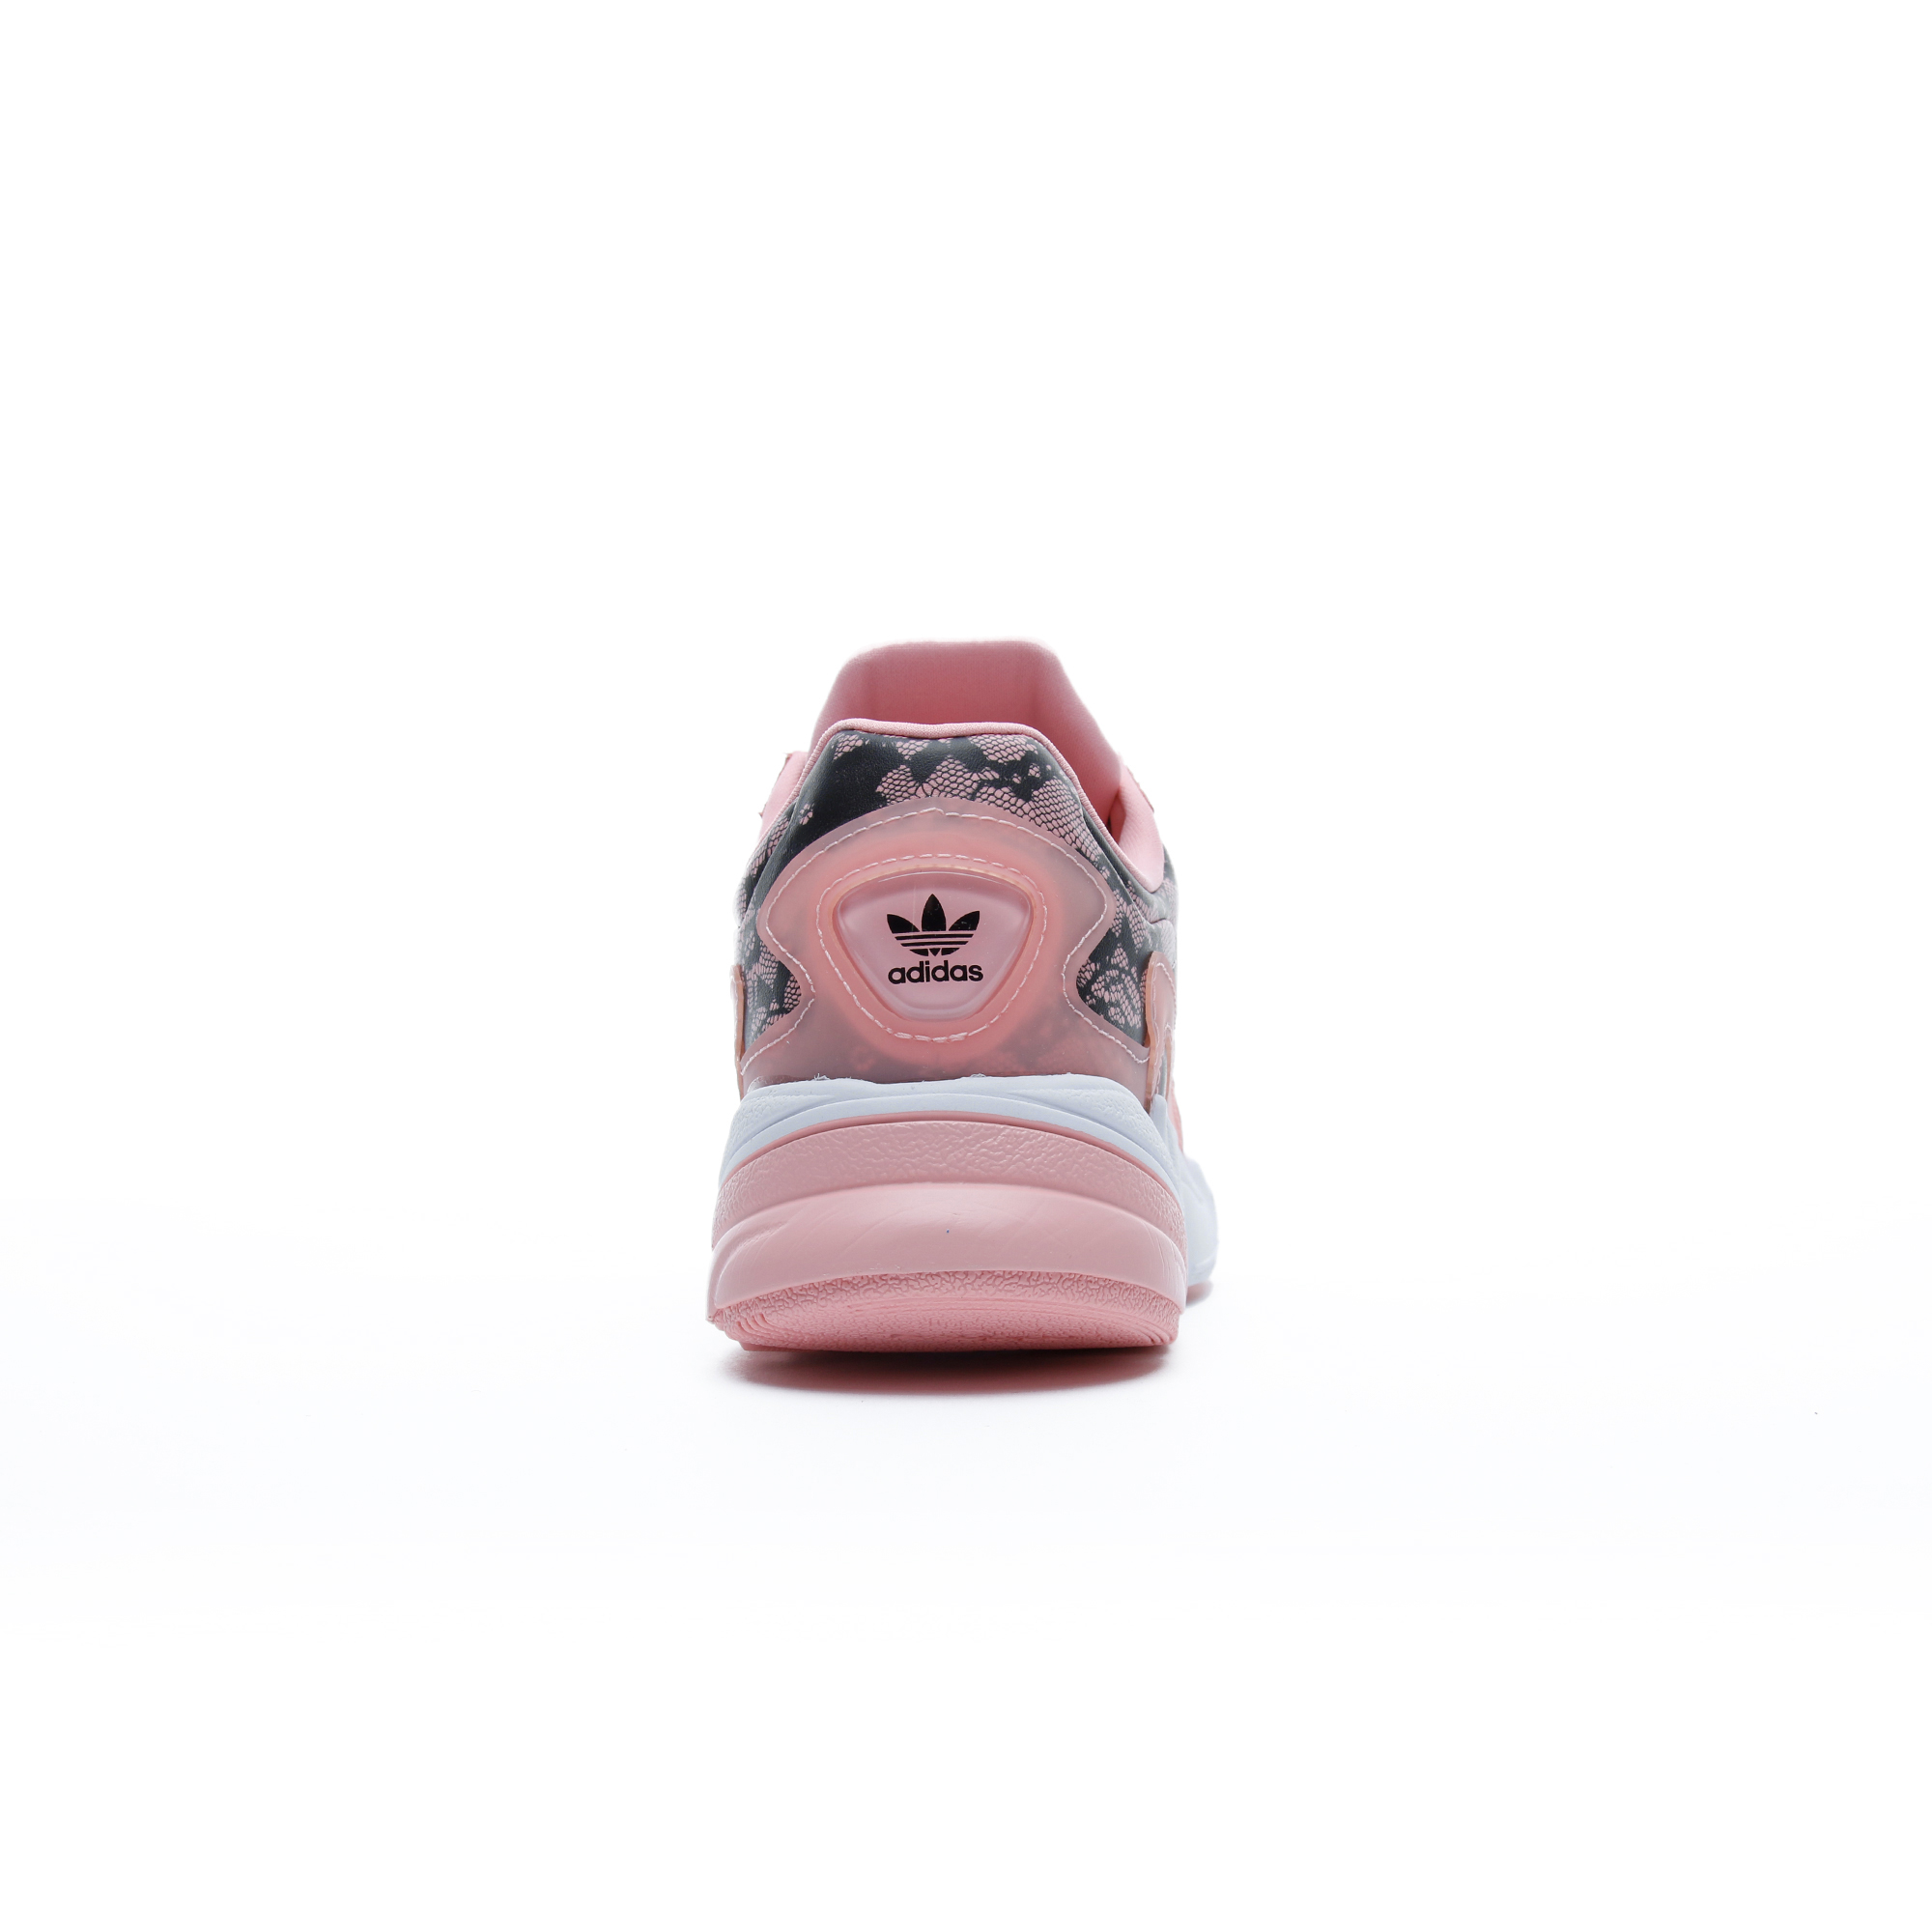 adidas Falcon Kadın Pembe Spor Ayakkabı